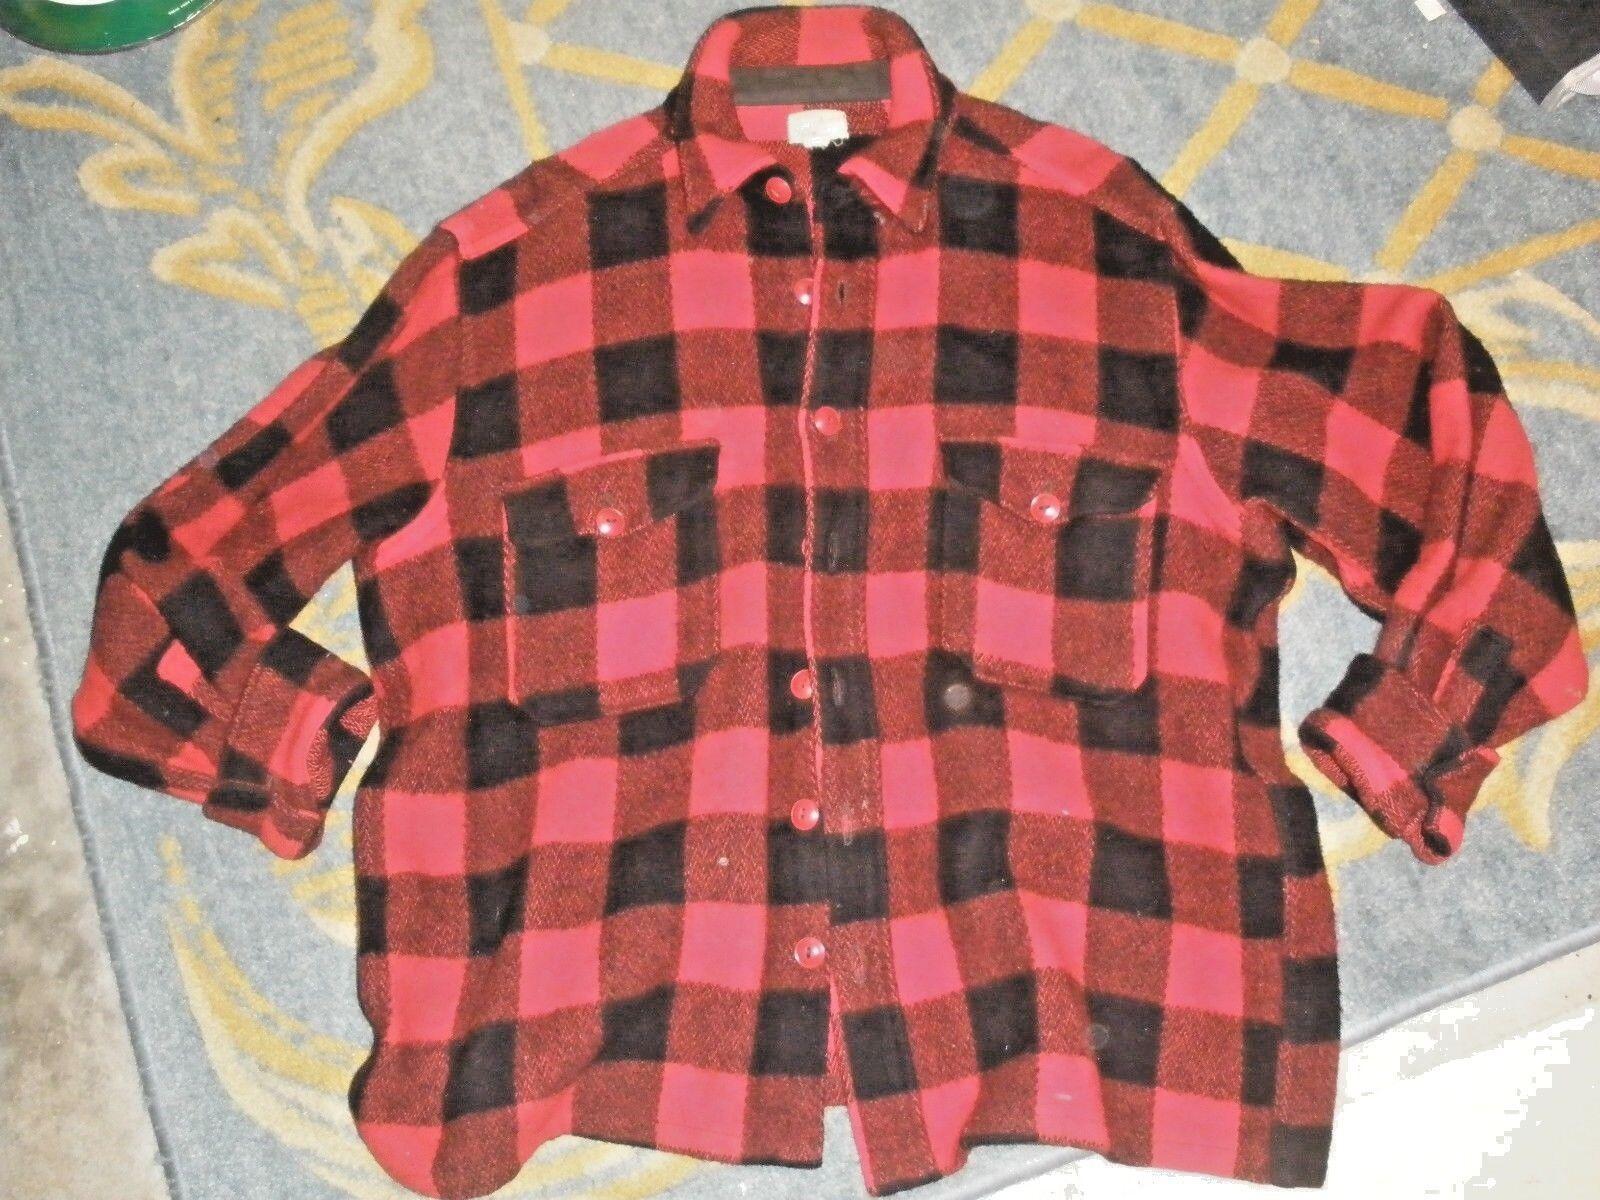 Vintage  ropa deportiva Pantalones Para Town & Country Negro y Rojo a Cuadros de Lana Caza Chaqueta Grande  punto de venta en línea